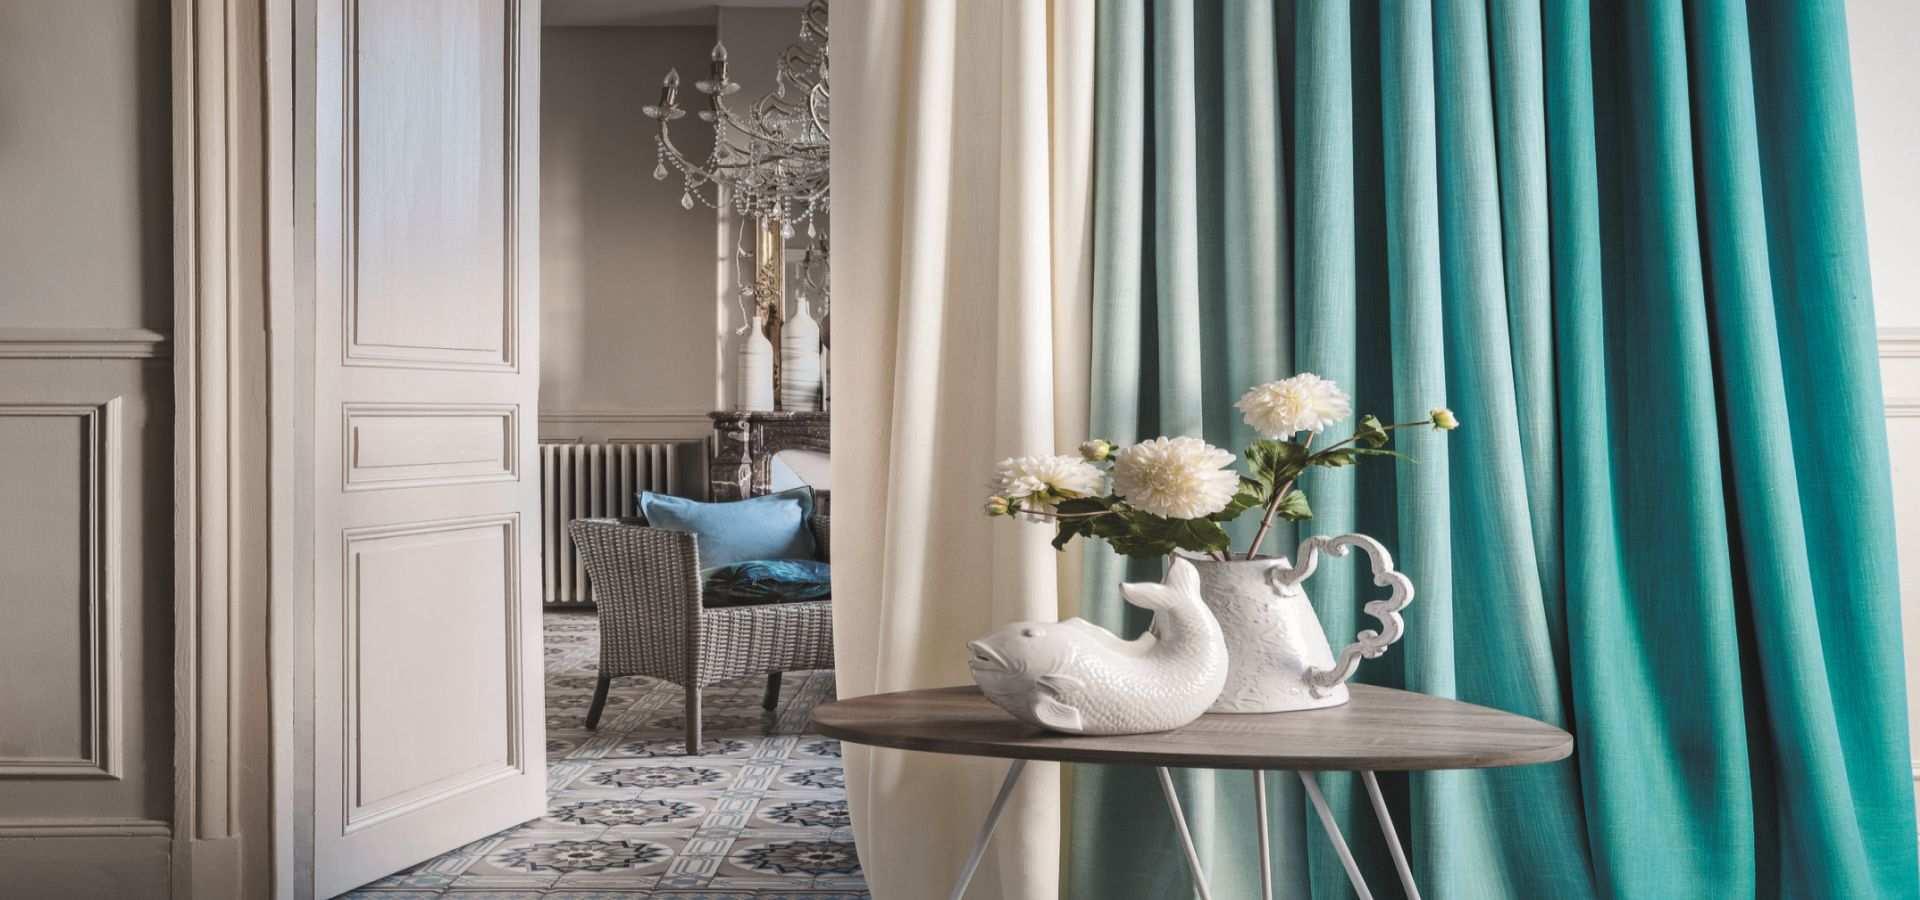 Bild Wohnzimmer klassisch Gardine türkis und beige